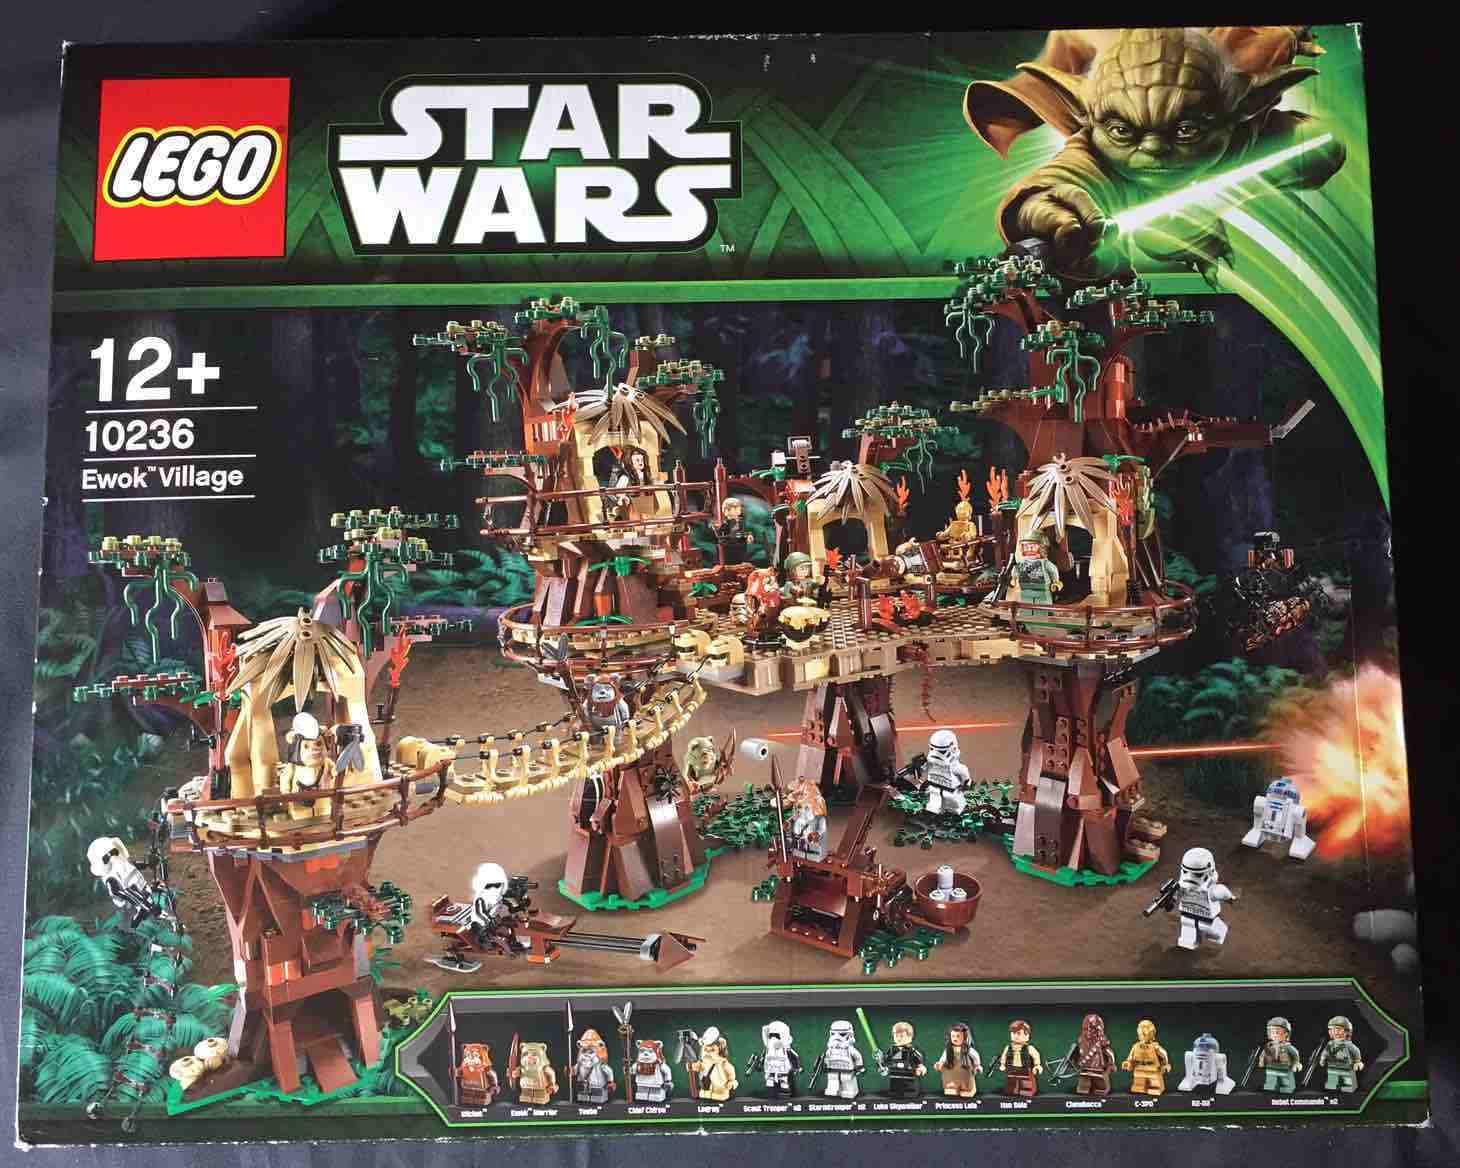 Lego star wars 10236 ewok village (ucs)  nouveau sealed  nouveau sealed   service honnête